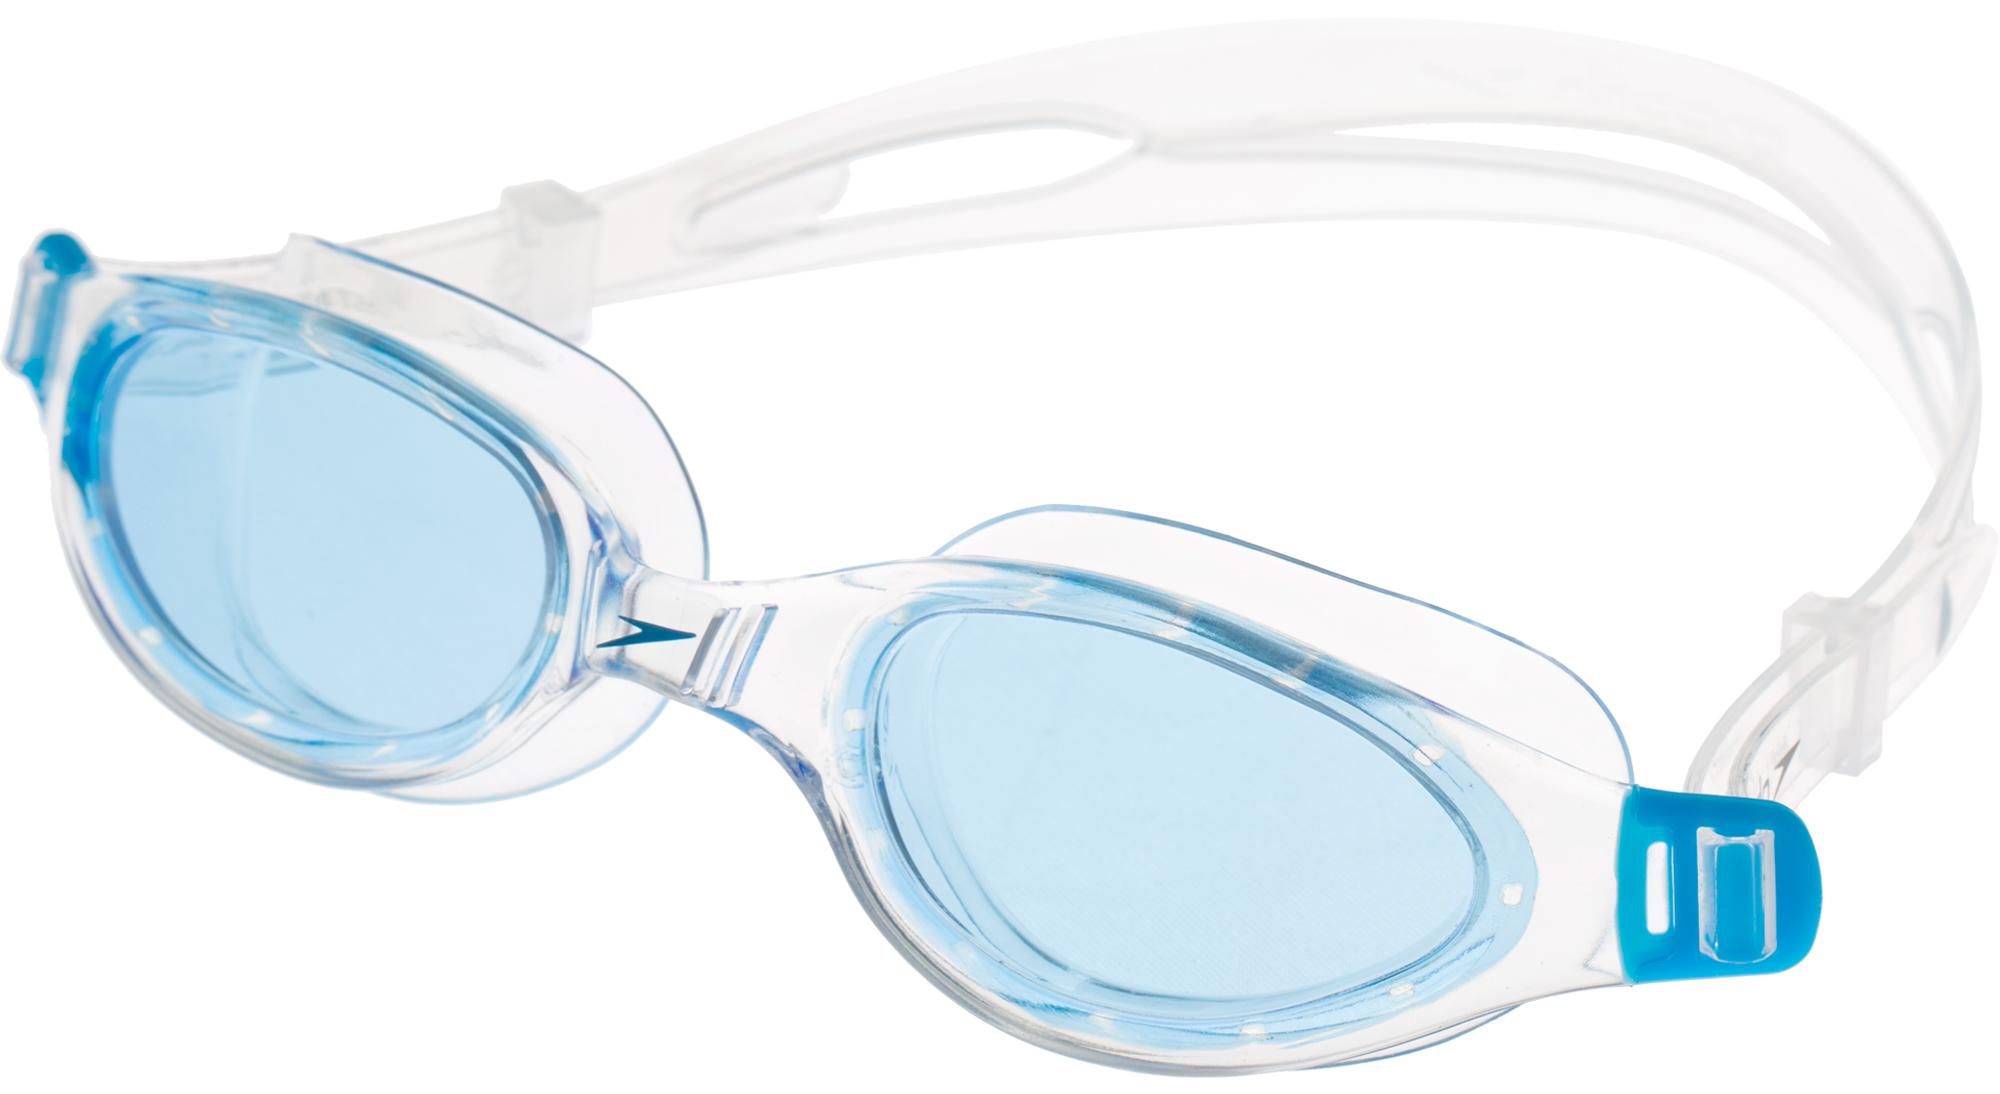 купить Speedo Очки для плавания Speedo Futura Plus, размер Без размера по цене 1499 рублей